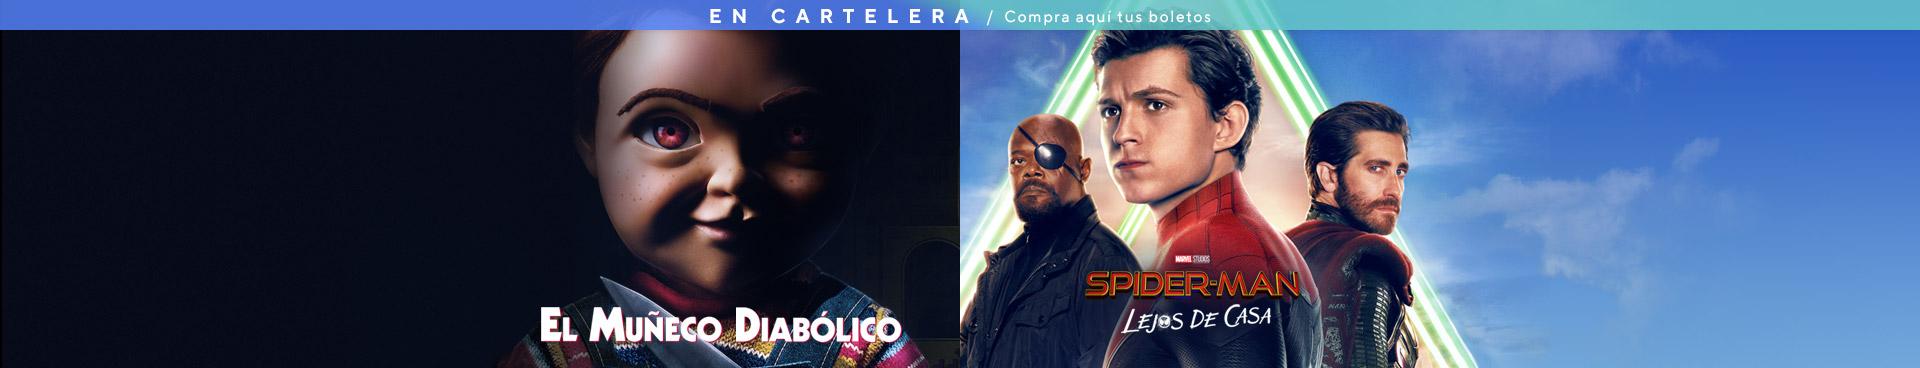 En Cartelera: El Muñeco Diabólico / Spider-Man: Lejos de Casa